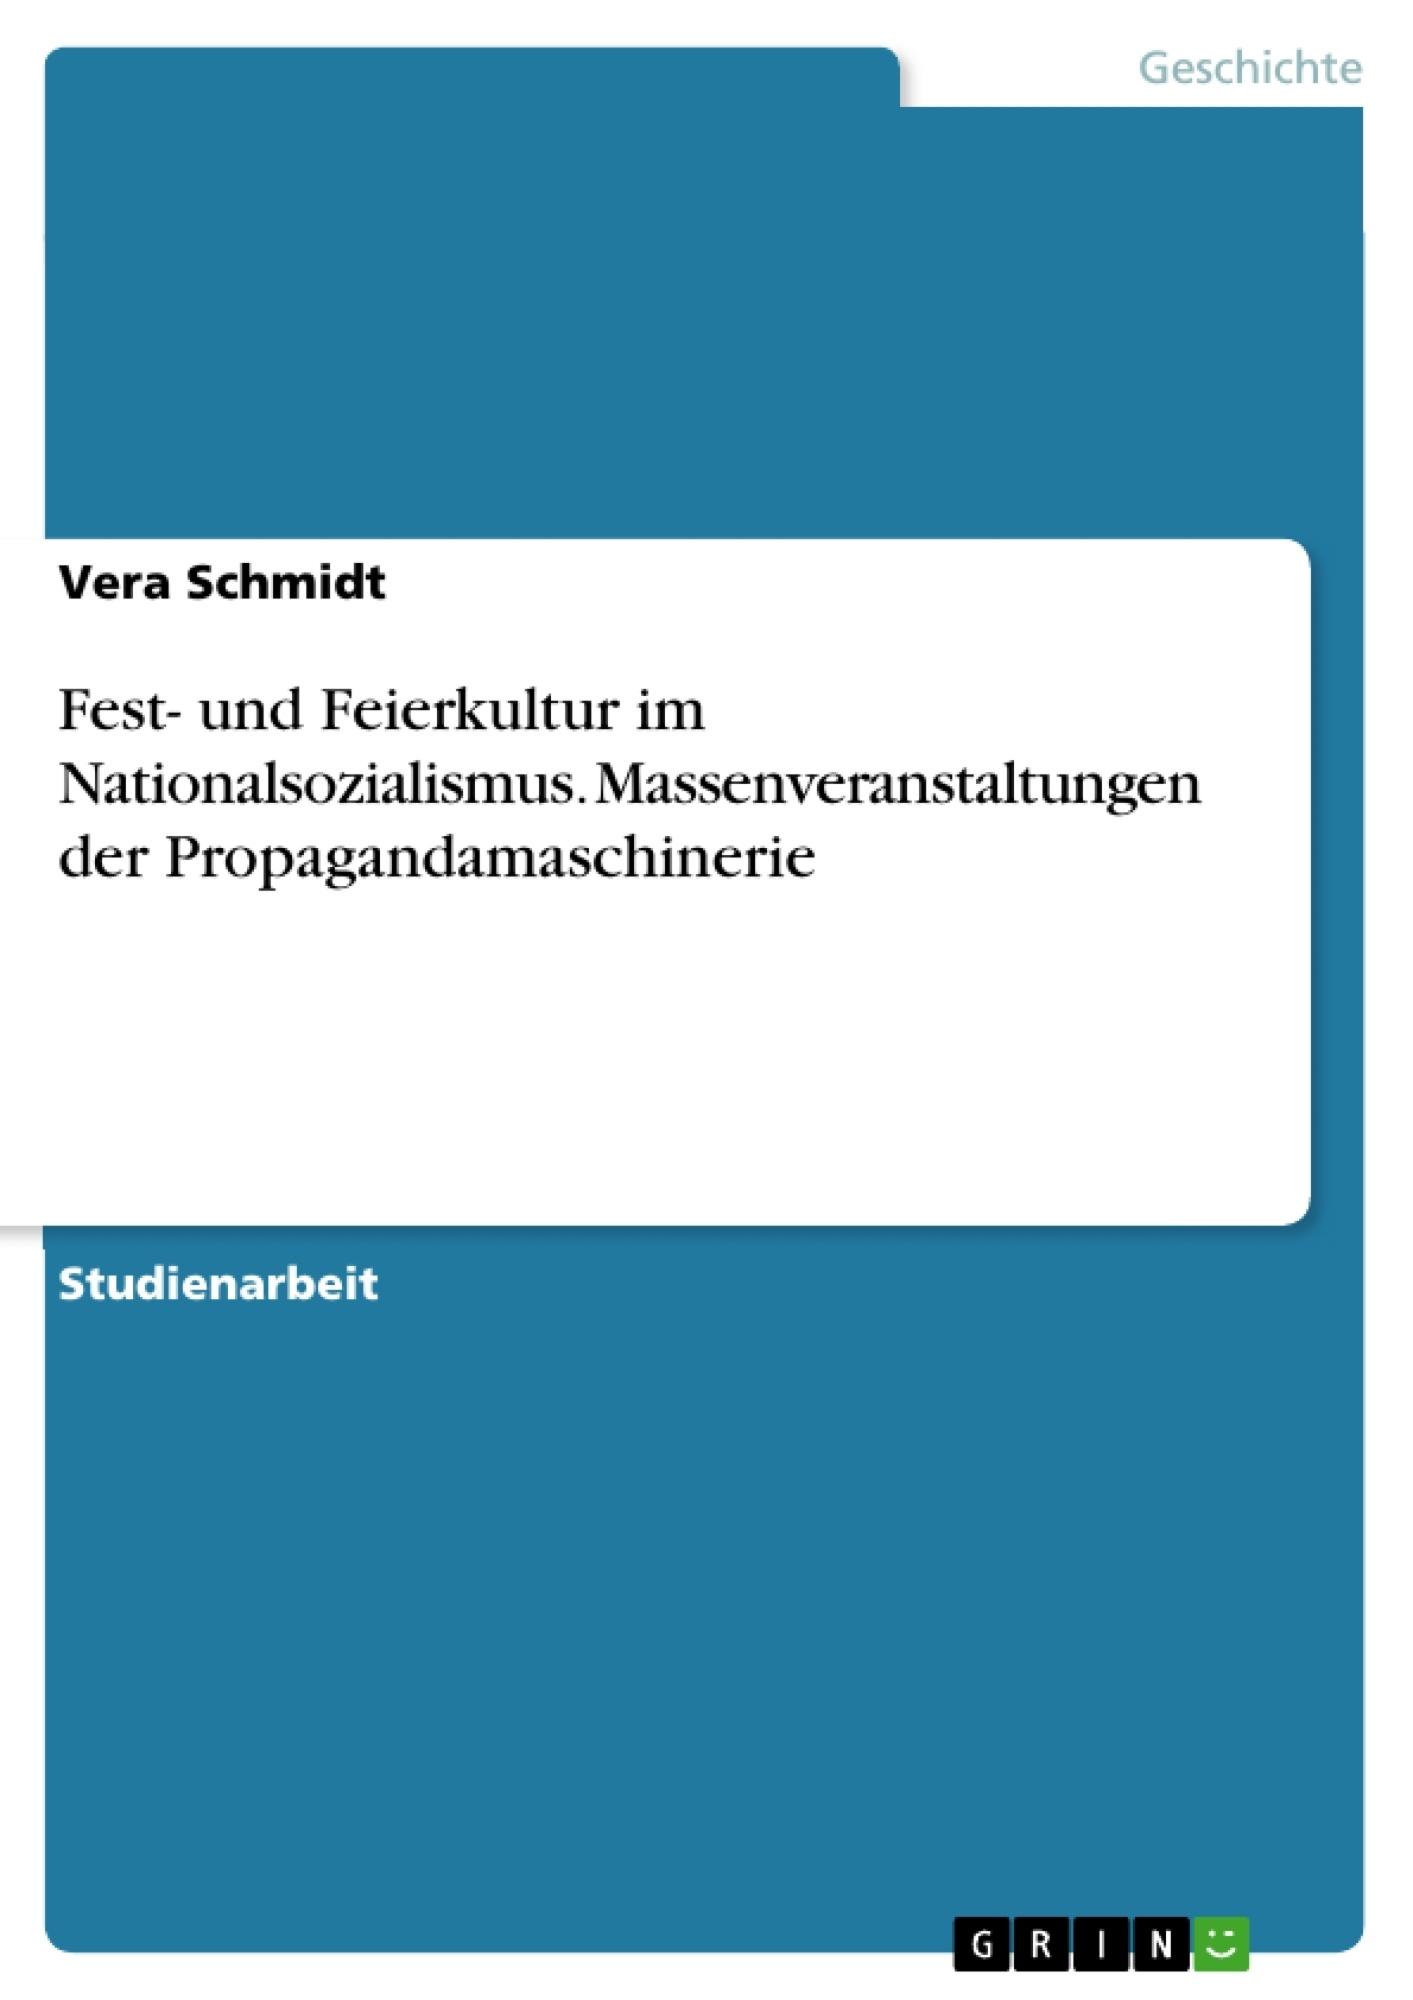 Titel: Fest- und Feierkultur im Nationalsozialismus. Massenveranstaltungen der Propagandamaschinerie